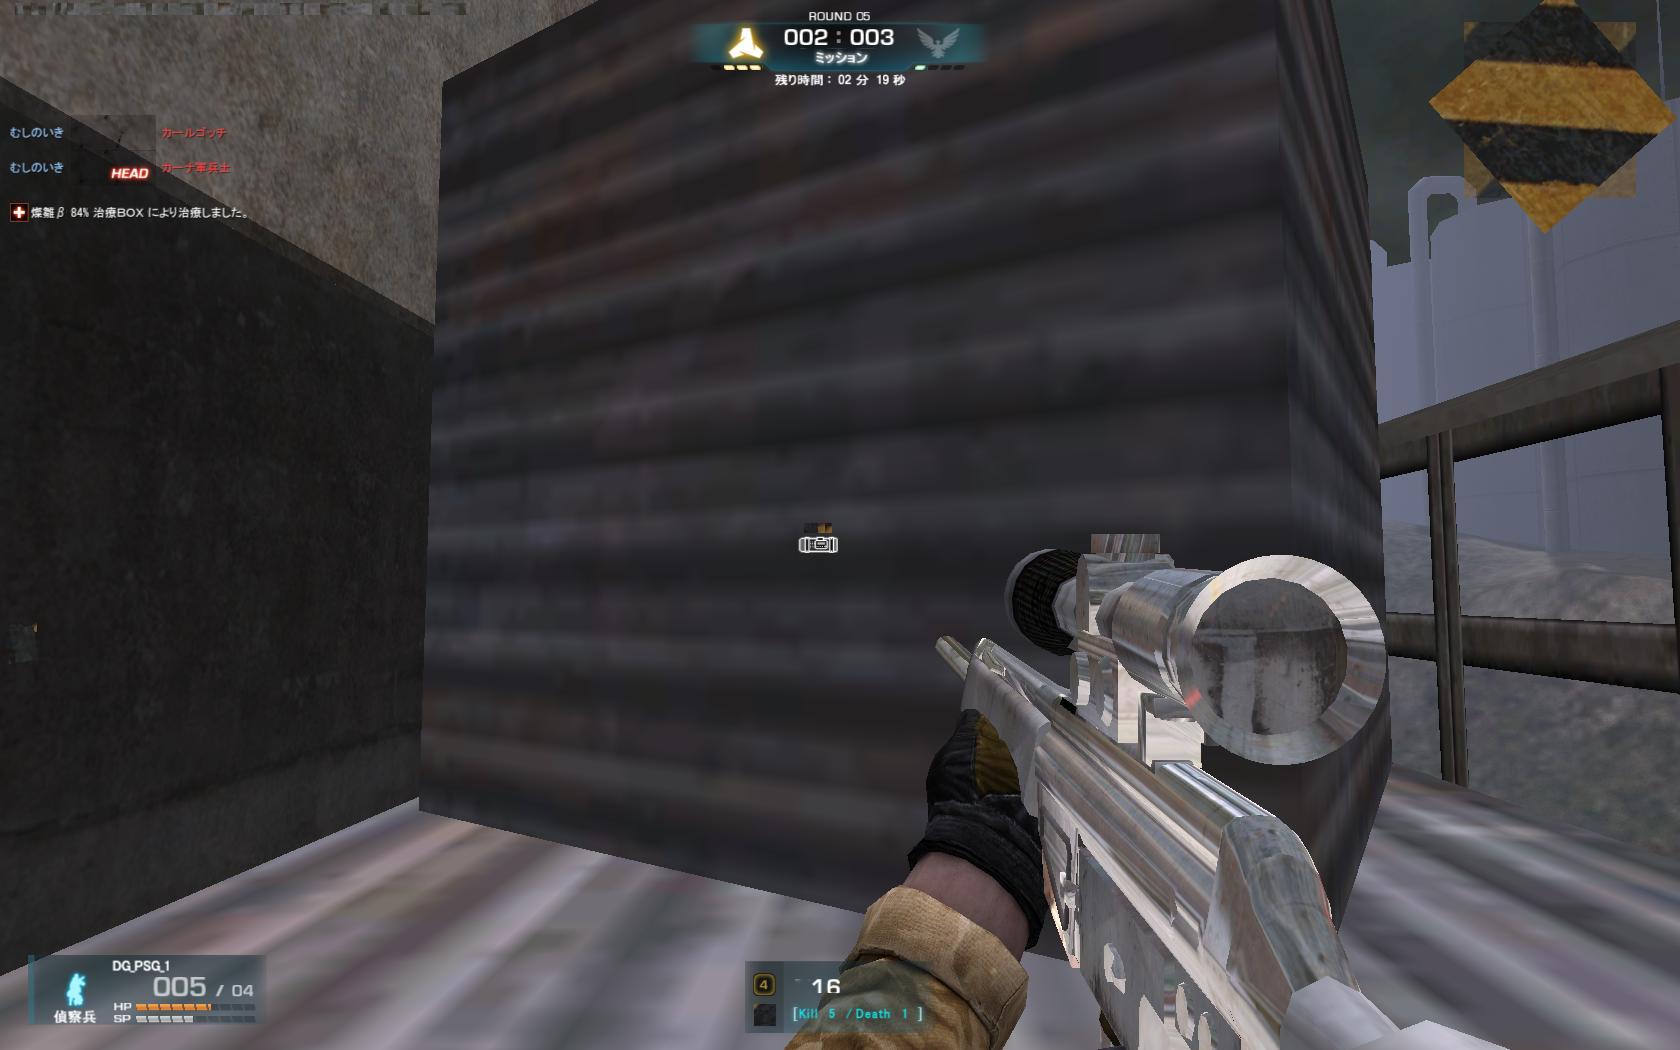 screenshot_028.jpg